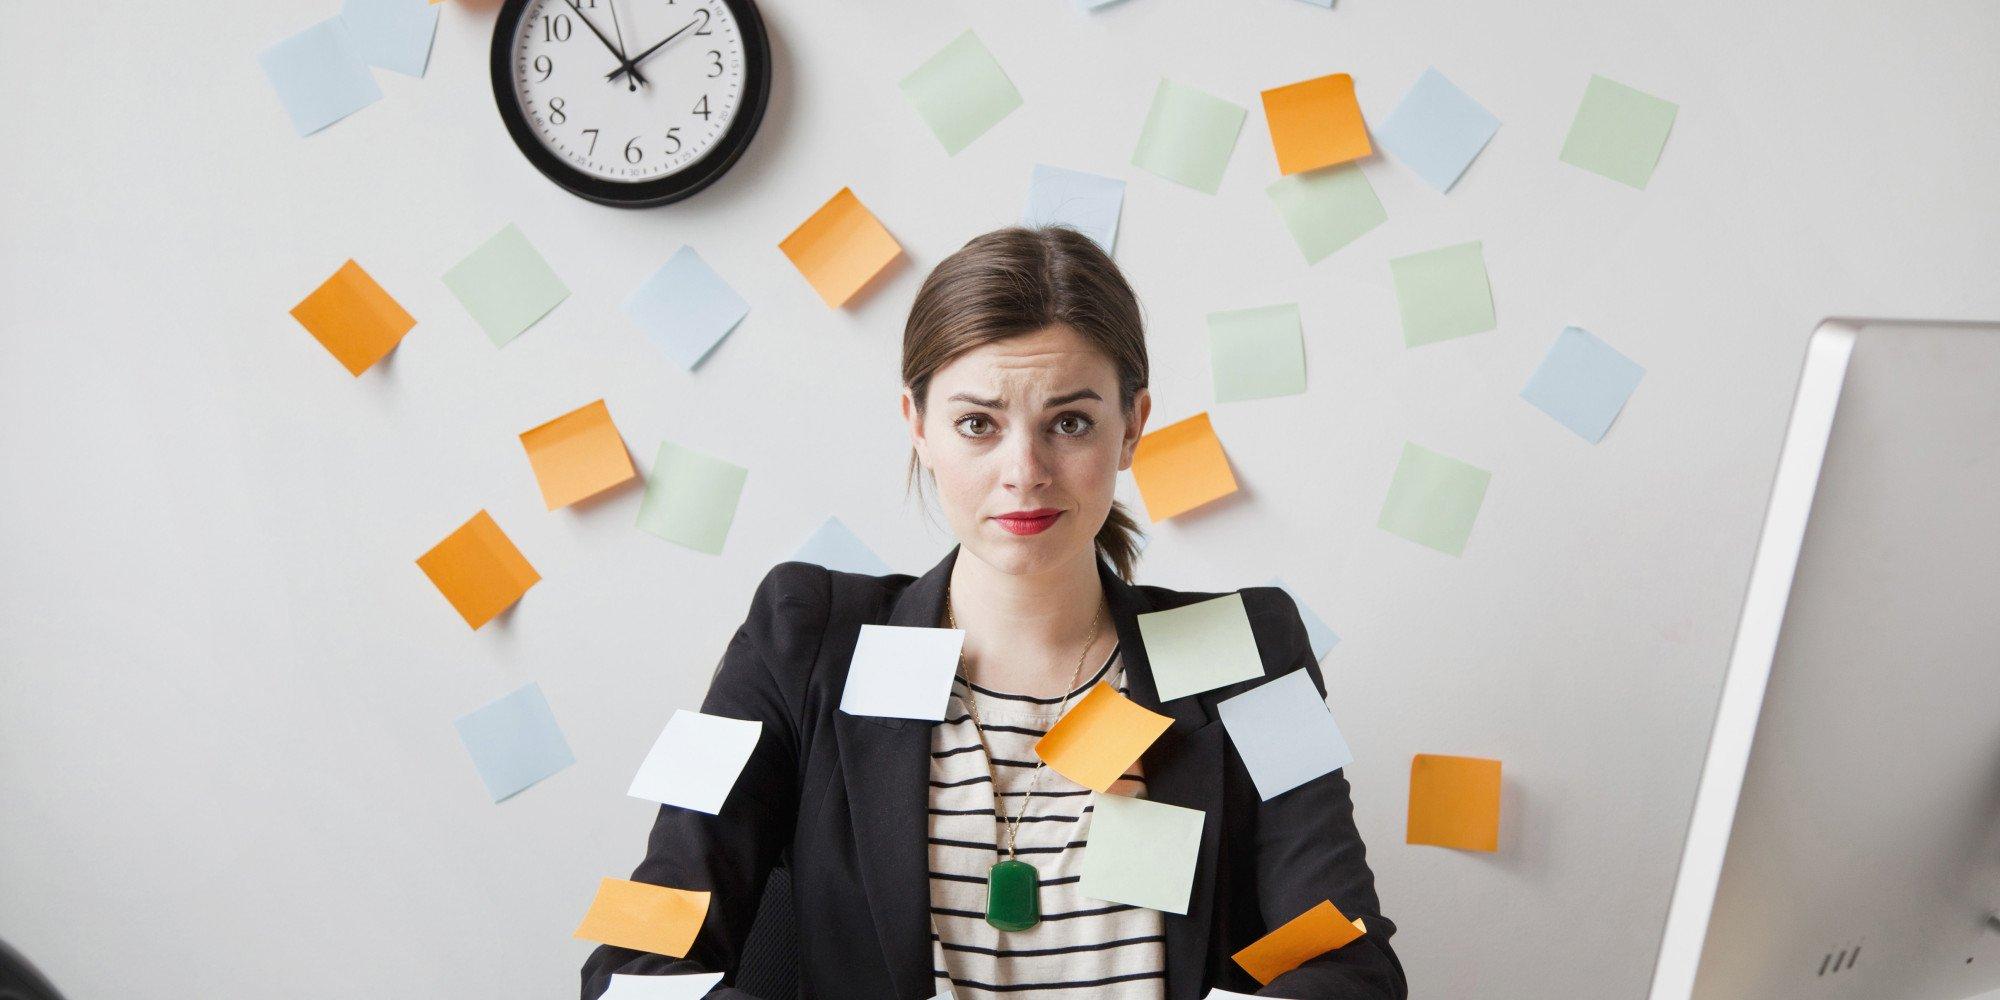 Come riprendersi dopo le vacanze - riniziare il lavoro